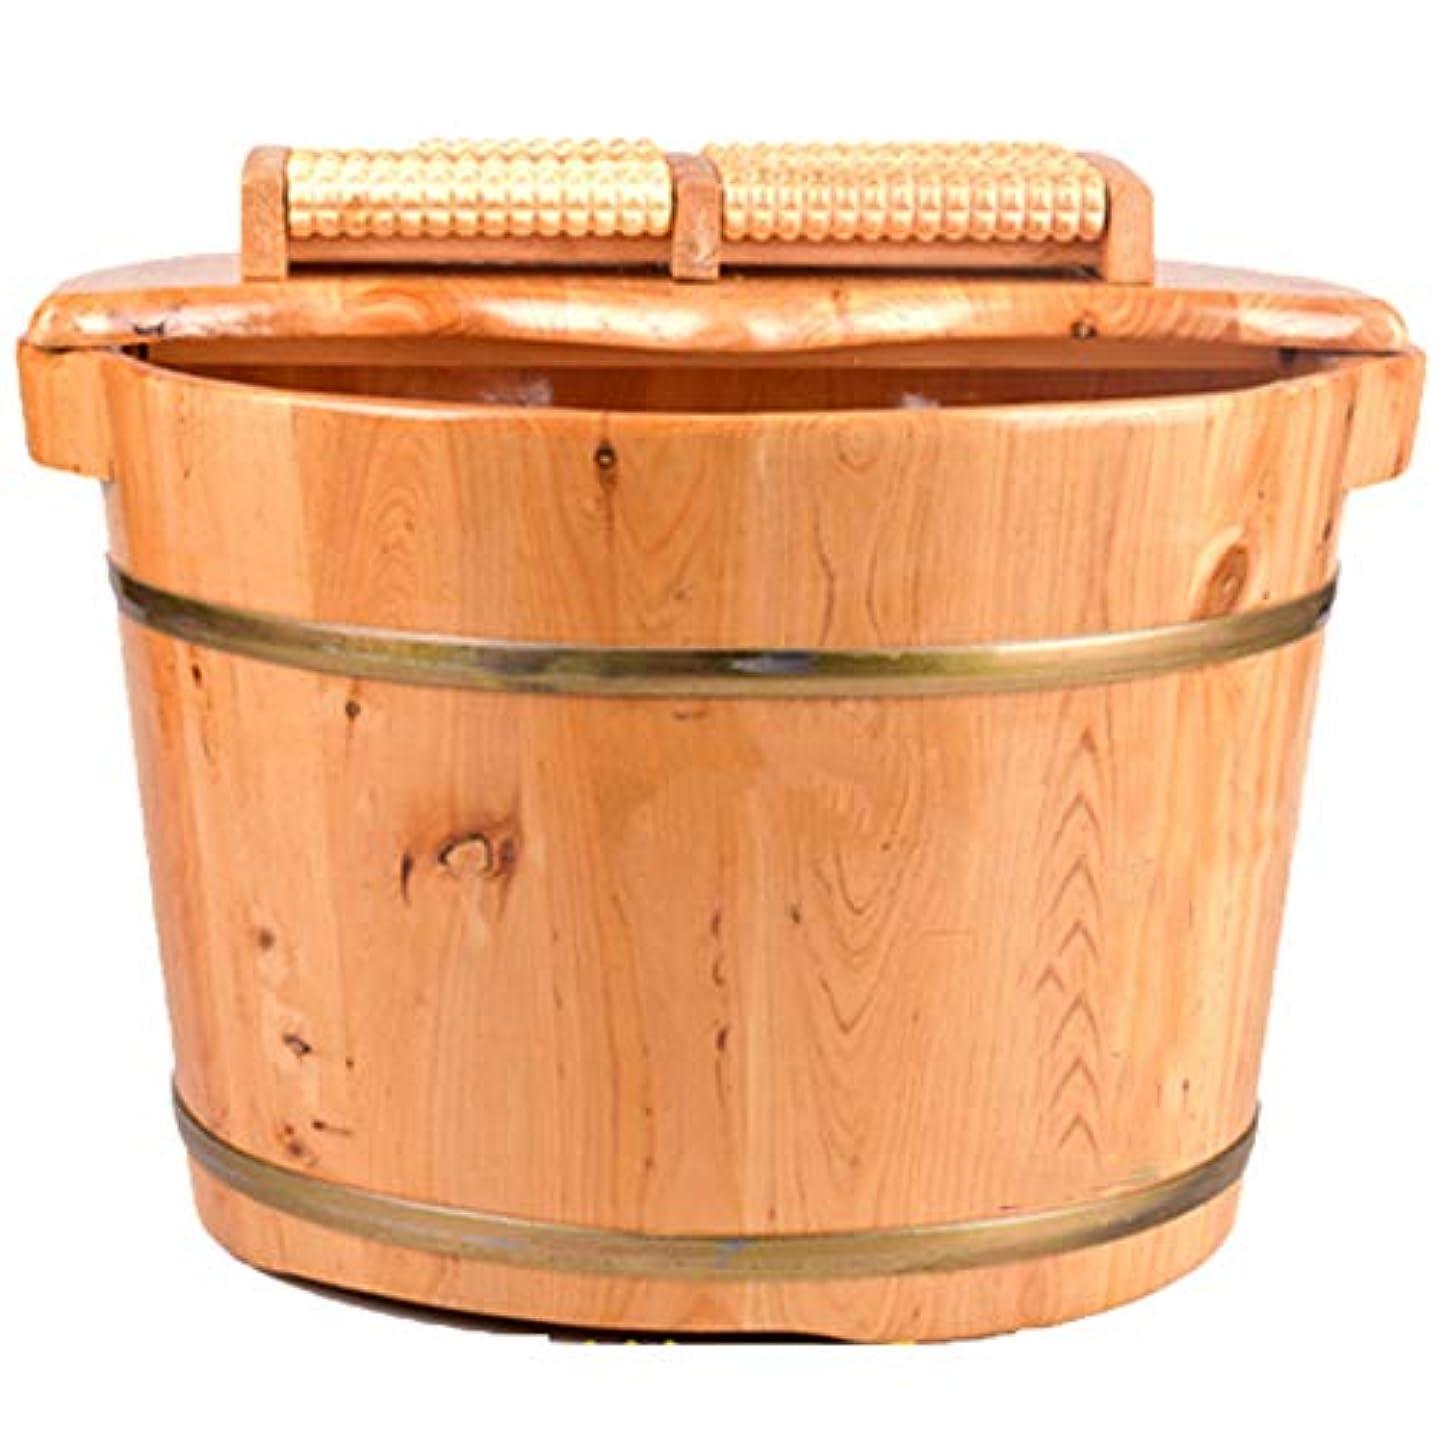 他のバンドで早熟過激派ペディキュア盆地,軽量の木製家庭の木製の樽の足湯バスソリッドウッドの木管大人のトランペット